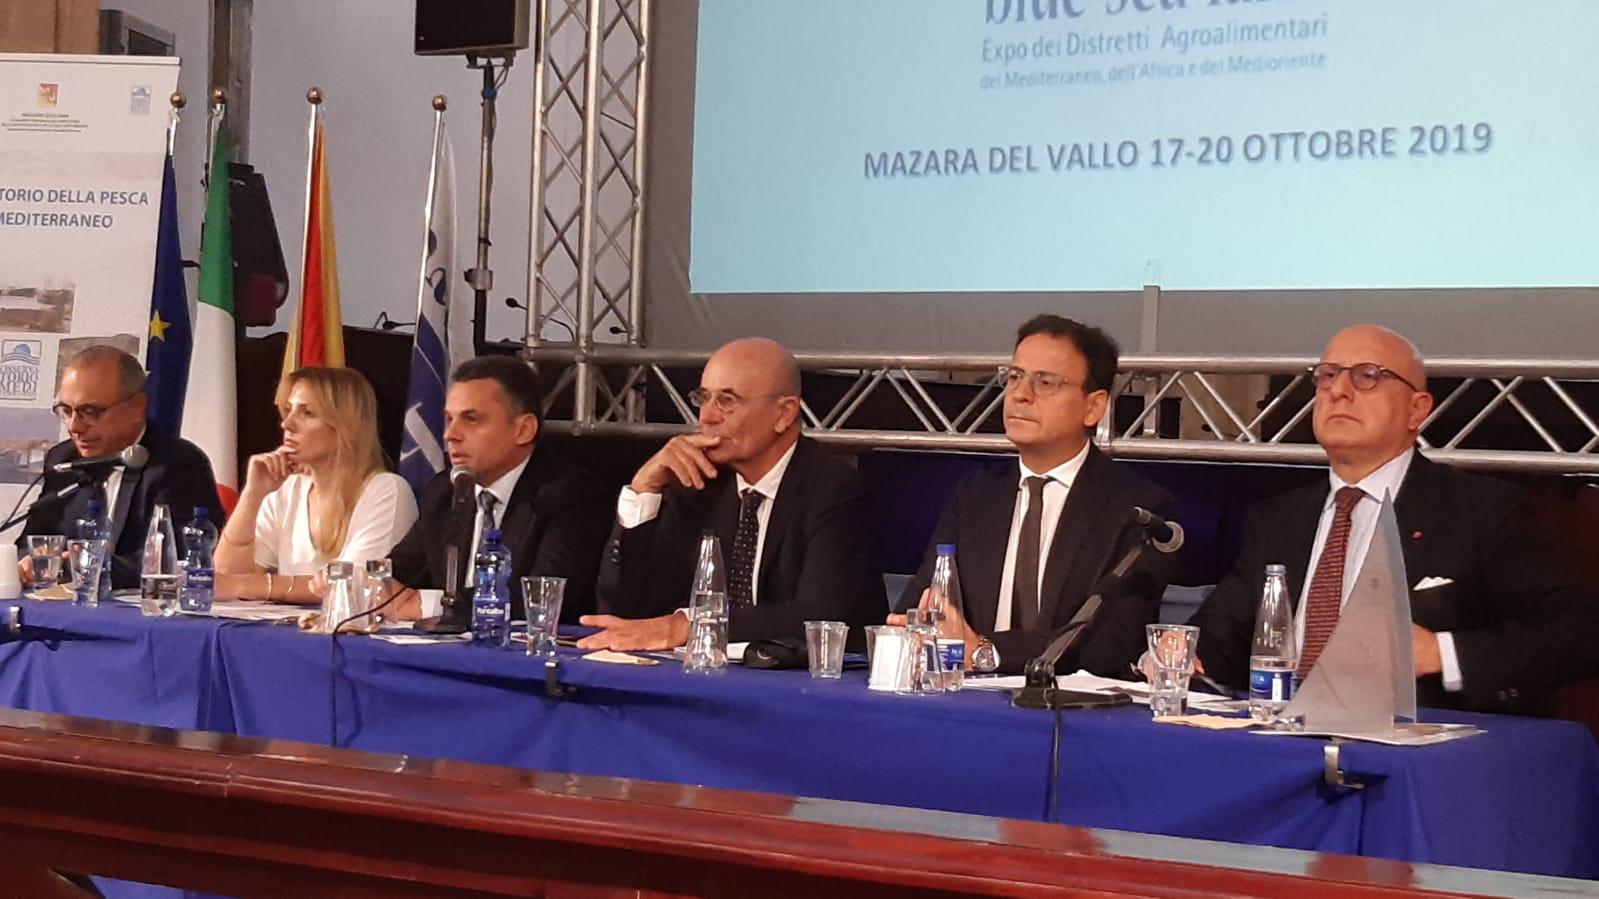 Mazara: dal patto con i libici alla nuova figura del pescatore ecologico. Ecco le proposte del sindaco Quinci